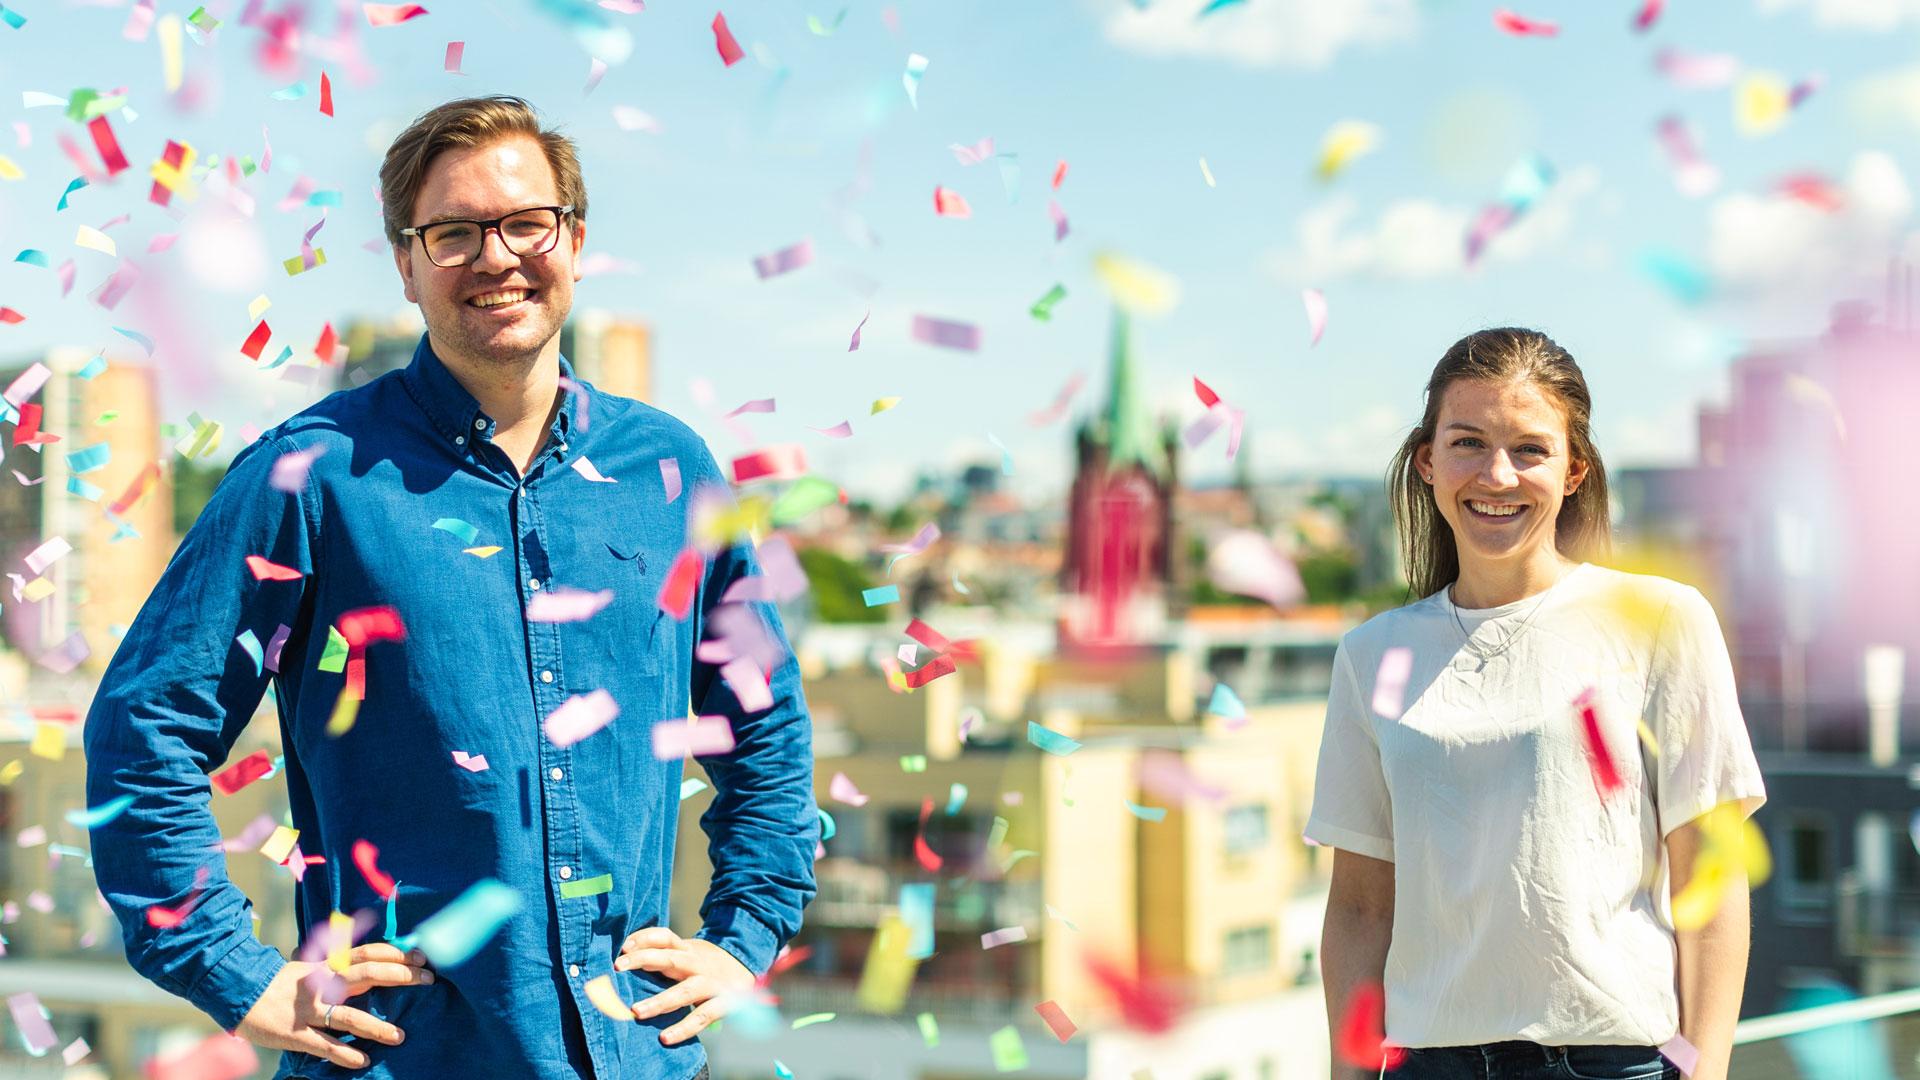 Ole Fredrik og June i et dryss av konfetti